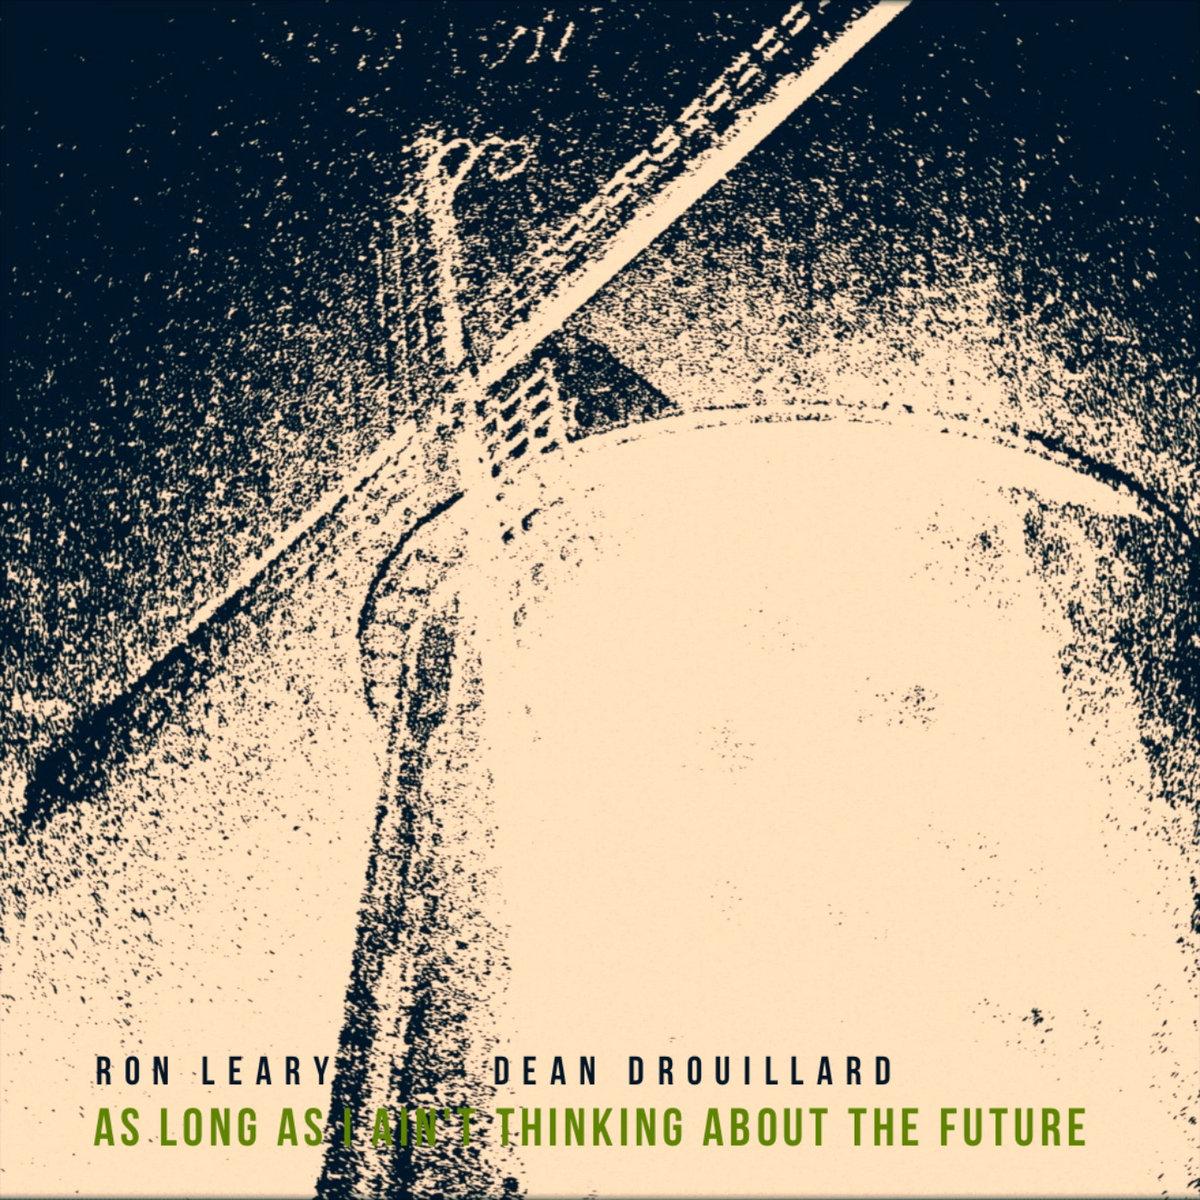 Ron Leary / Dean Drouillard